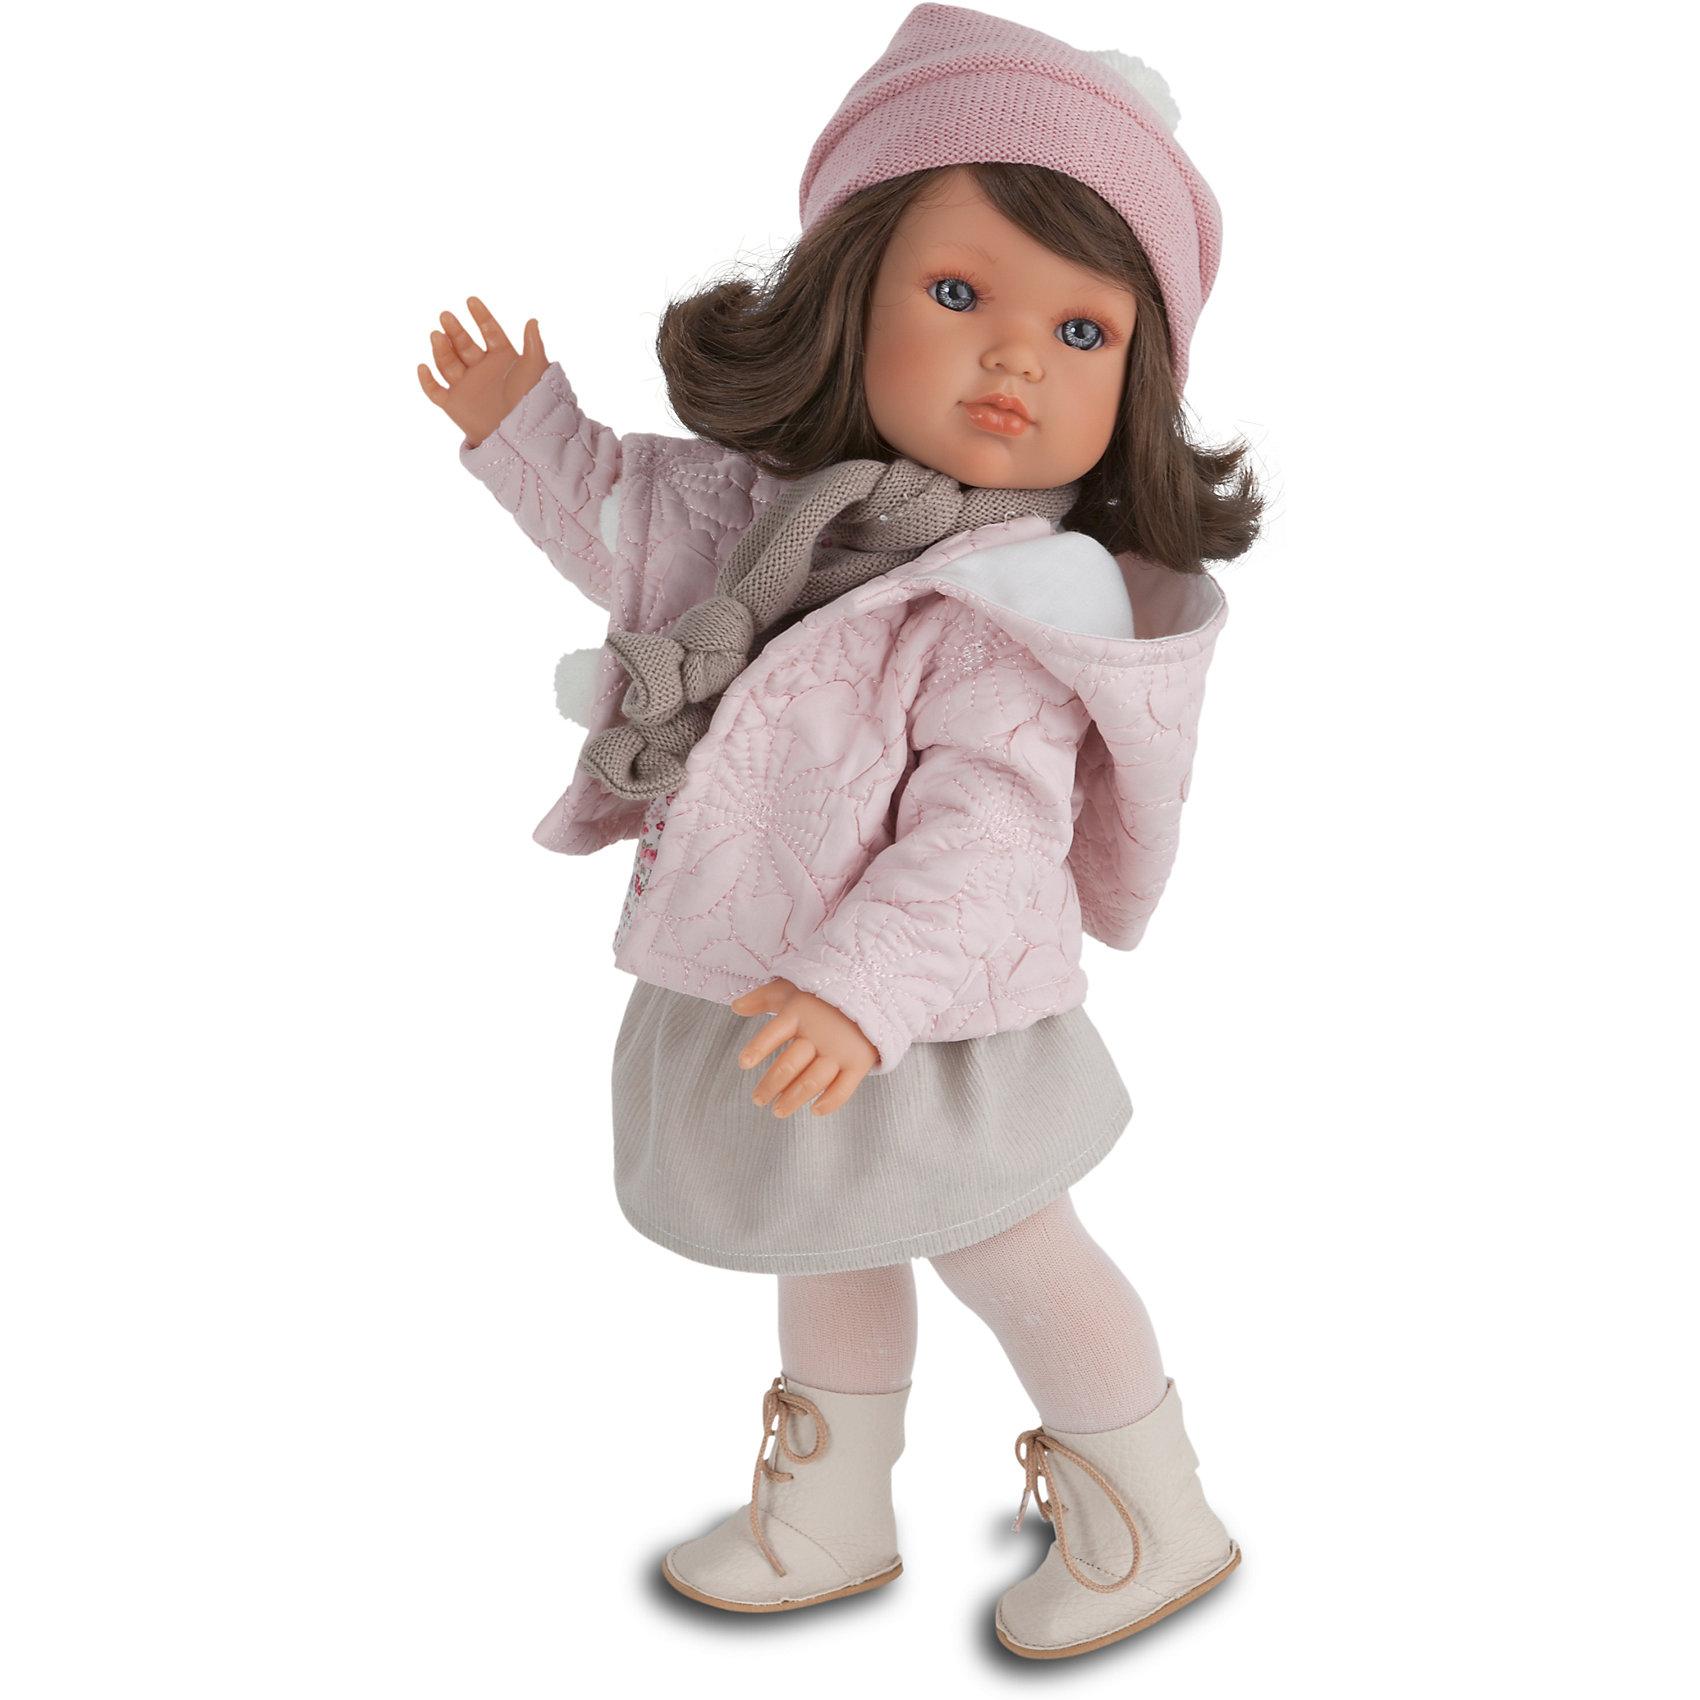 Кукла Белла Зимний наряд, 45 см, Munecas Antonio JuanИдеи подарков<br>Кукла Белла Зимний наряд, 45 см, Munecas Antonio Juan (Мунекас Антонио Хуан) – эта маленькая кокетка очарует и взрослых, и детей.<br>Кукла Белла от испанского производителя Мунекас Антонио Хуан выглядит как настоящая девочка, а ее трогательный внешний вид вызывает только самые положительные и добрые эмоции. Эта чудесная милая малышка станет любимицей Вашей девочки и будет воспитывать в ней доброту, внимание и заботу. У куклы-девочки очаровательное детское лицо, выполненное с тщательной прорисовкой деталей. Выразительные глаза обрамлены длинными ресницами. Ее густые шелковистые волосы легко расчесывать и делать различные прически. Чудесный наряд куклы создан испанским дизайнером. Кукла одета в стильное серое платье, теплую куртку. На ногах у нее теплые колготки и сапожки. Шарфик и шапочка с помпоном гармонично дополняет образ куклы. У куклы подвижны руки, ноги и голова. Изготовлена из высококачественного винила с добавлением силикона. Образы малышей Мунекас разработаны известными европейскими дизайнерами. Они натуралистичны, анатомически точны.<br><br>Дополнительная информация:<br><br>- Глаза куклы не закрываются<br>- Высота куклы: 45 см.<br>- Материал: винил, силикон, текстиль<br><br>Куклу Беллу Зимний наряд, 45 см, Munecas Antonio Juan (Мунекас Антонио Хуан) можно купить в нашем интернет-магазине.<br><br>Ширина мм: 530<br>Глубина мм: 275<br>Высота мм: 135<br>Вес г: 1525<br>Возраст от месяцев: 36<br>Возраст до месяцев: 84<br>Пол: Женский<br>Возраст: Детский<br>SKU: 4201304